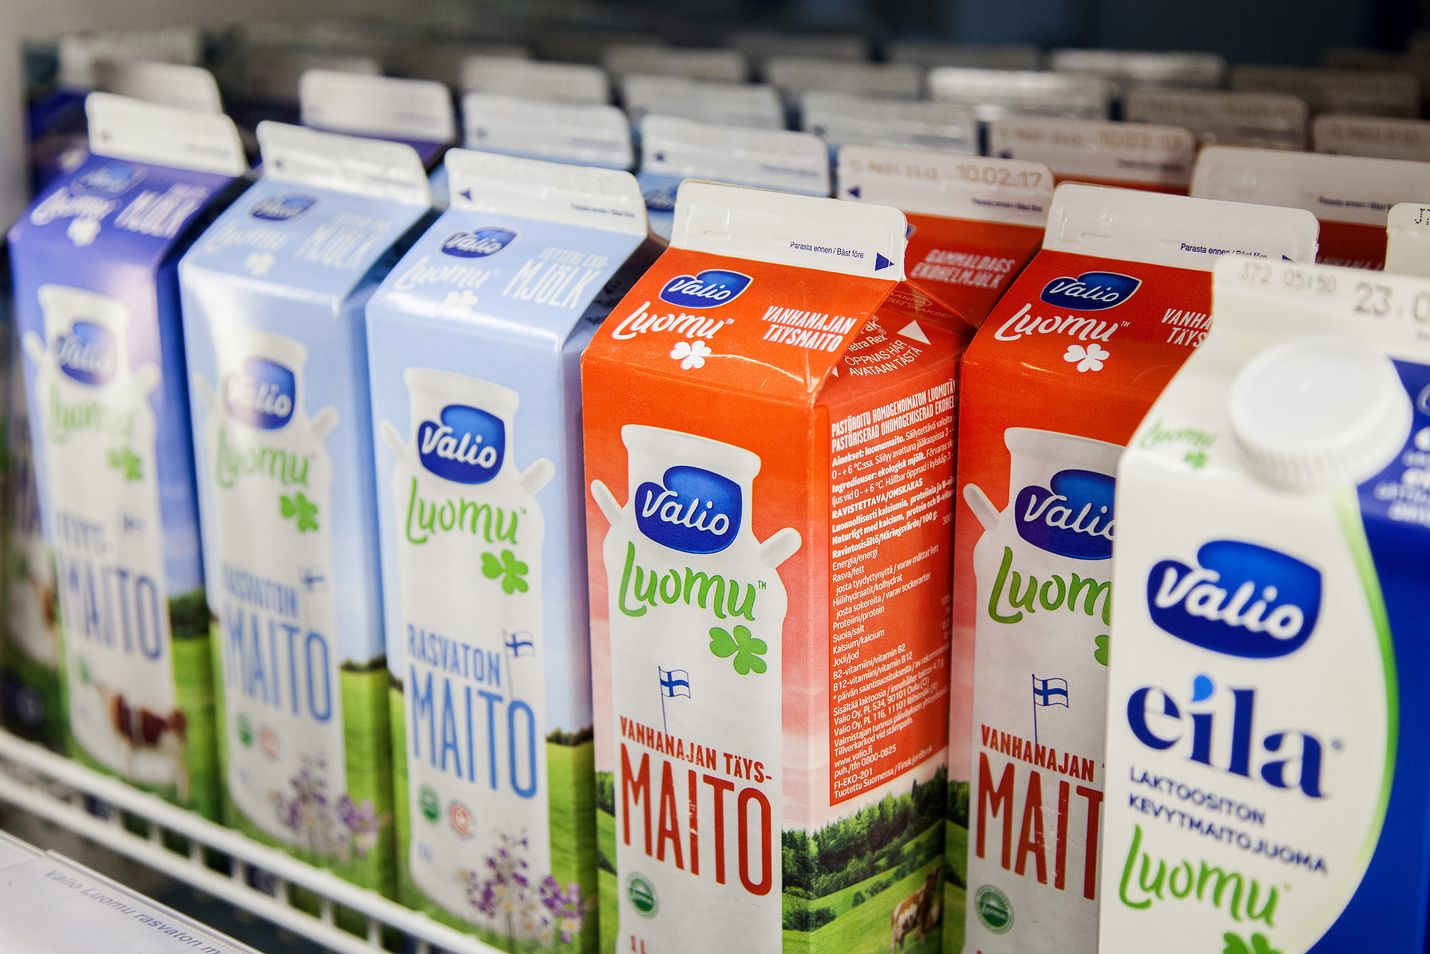 Valio on Suomen suurin maidonjalostaja, joka myös vie paljon esimerkiksi laktoosittomia tuotteitaan. Oikeuden päätös koski perusmaidon hinnoittelua. Kuvituskuva.